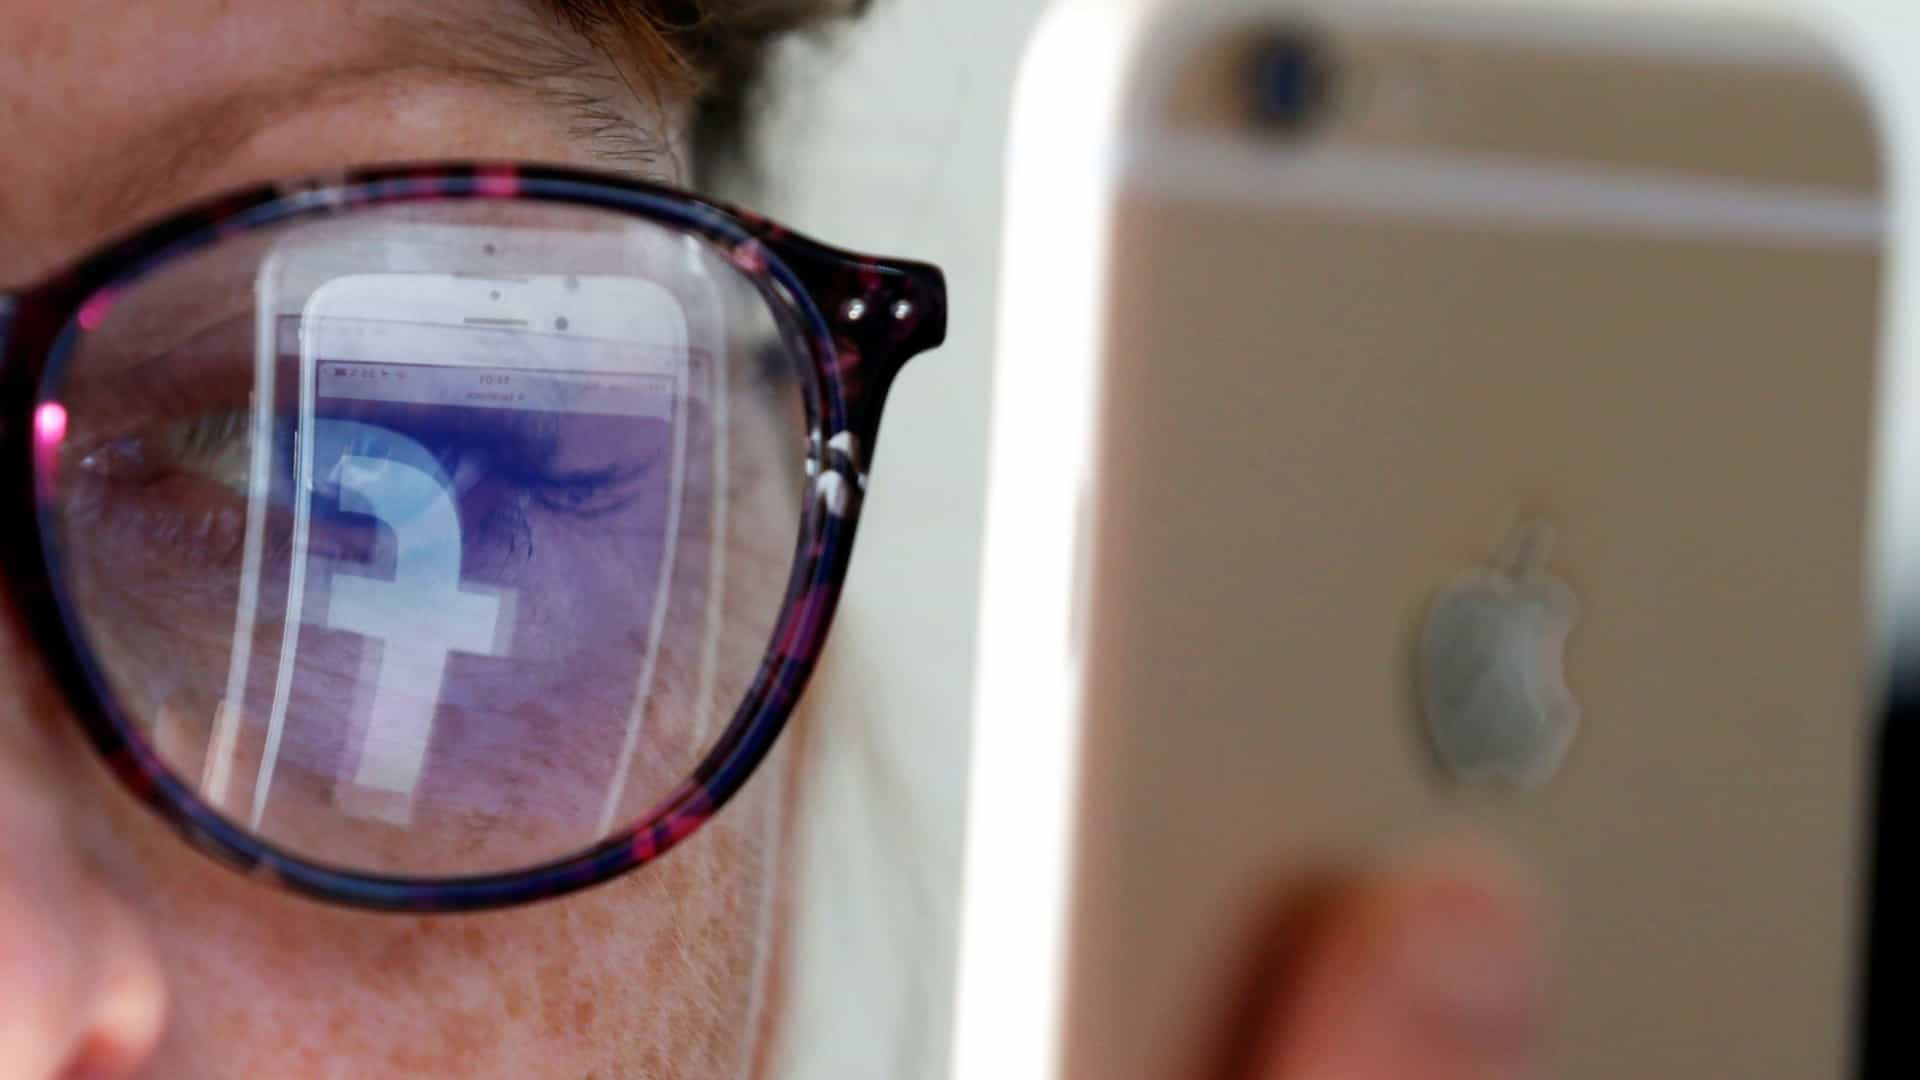 Investigação: Facebook deve proteger jornalismo de interesse público